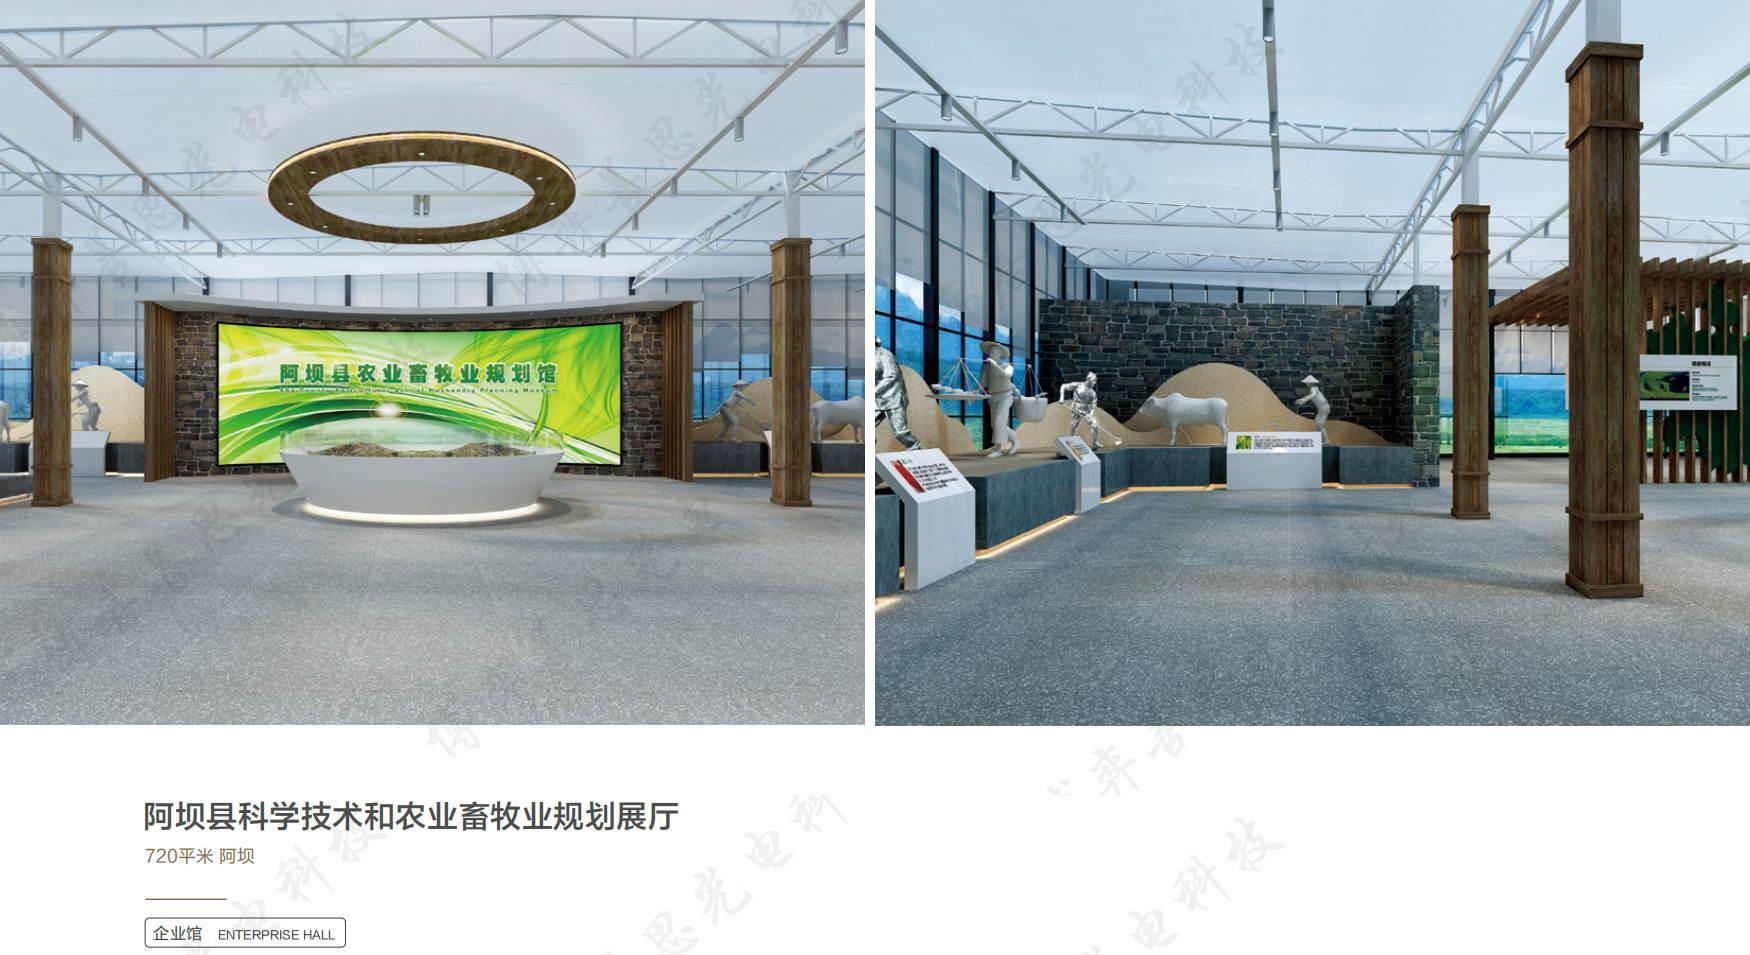 阿坝县科学技术和农业畜牧业规划展厅